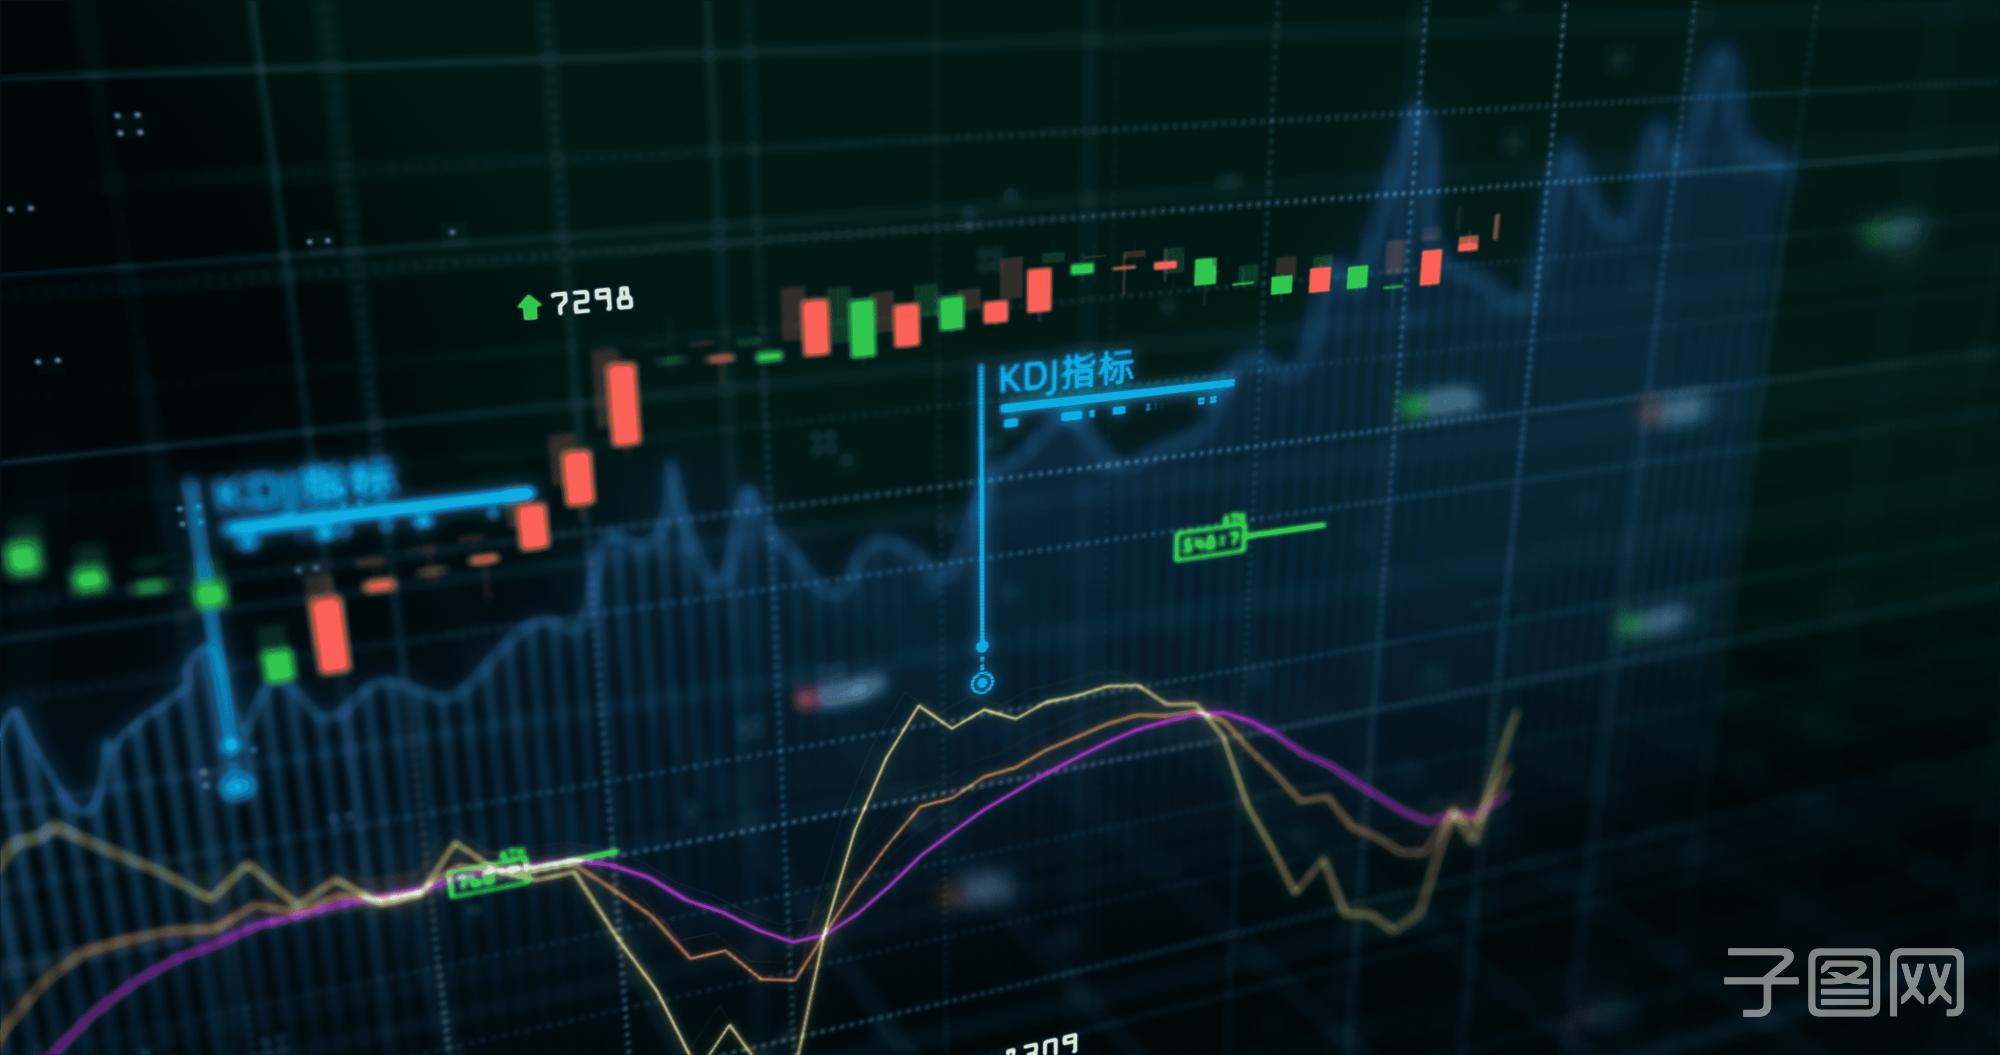 国内期货恒指喊单达里奥:若拜登获选,对市场来说也并非坏事